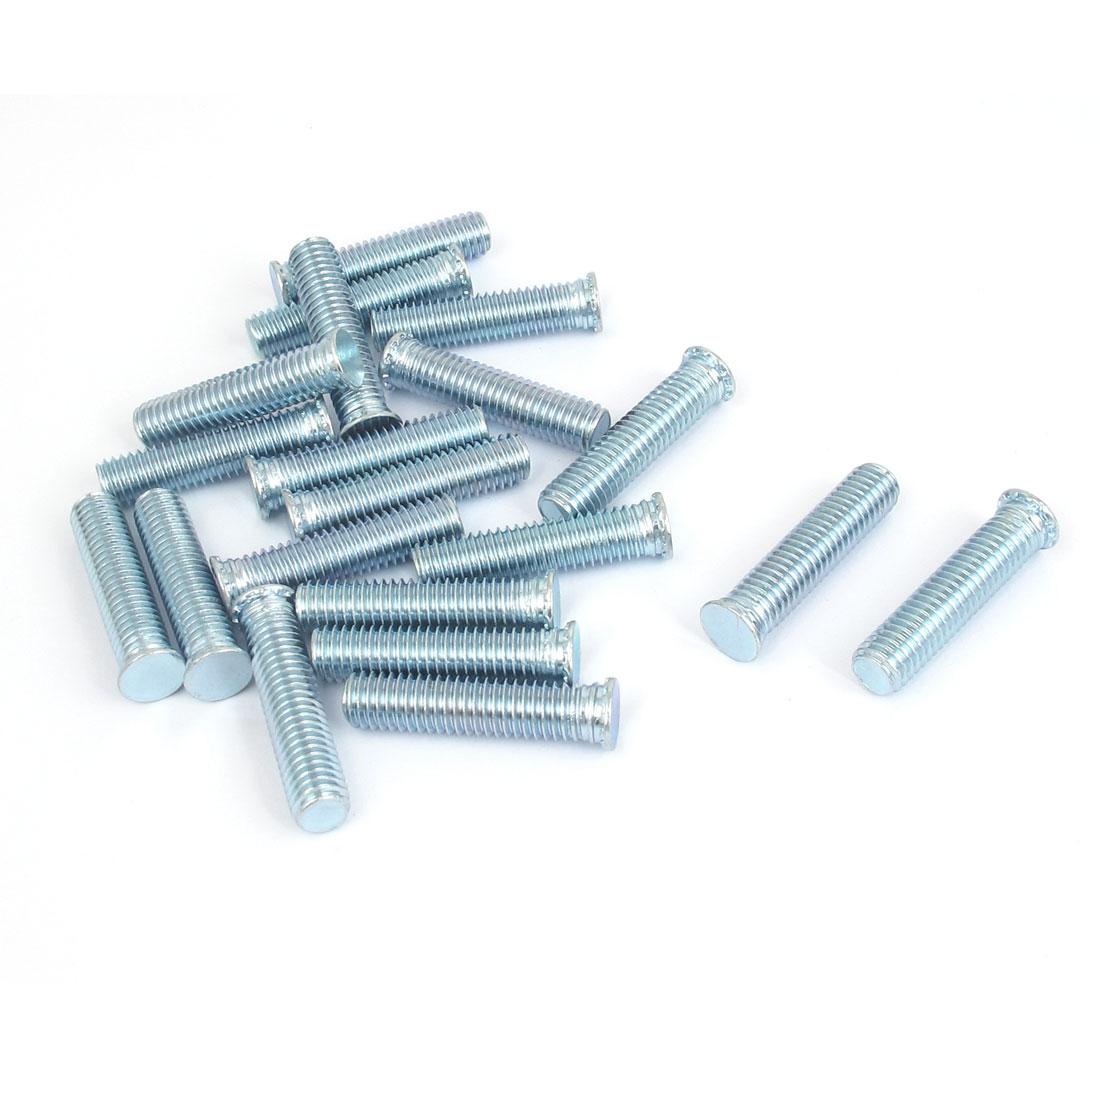 M8x35mm Zinc Plated Flush Head Self Clinching Threaded Studs Fastener 20pcs